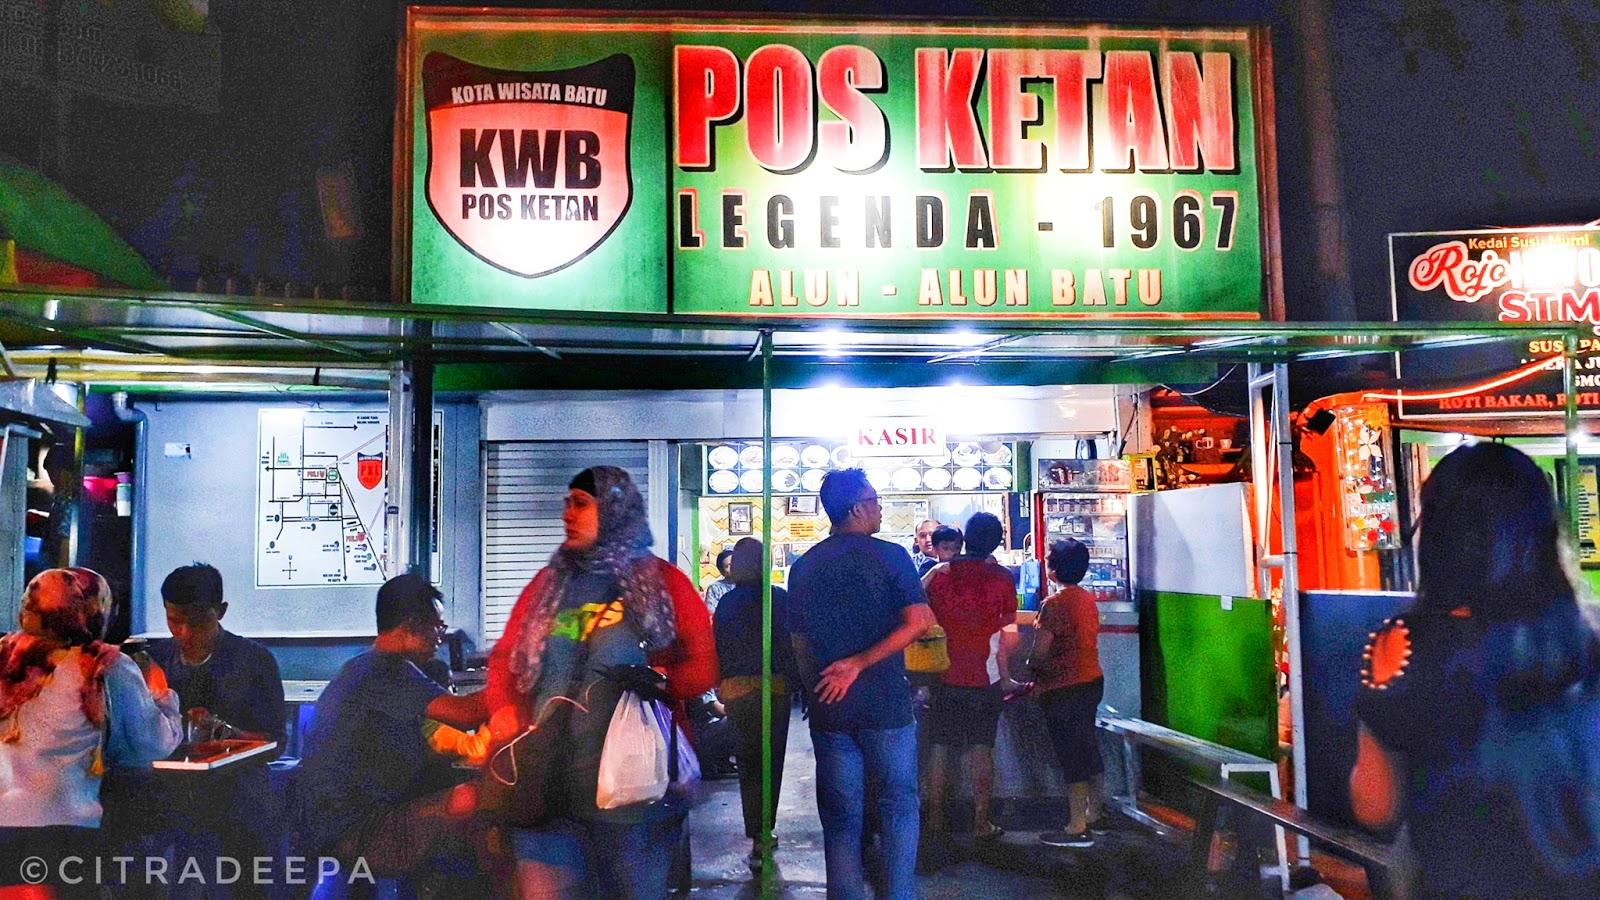 Pos Ketan Legenda 1967 Kuliner Wajib Di Batu Malang